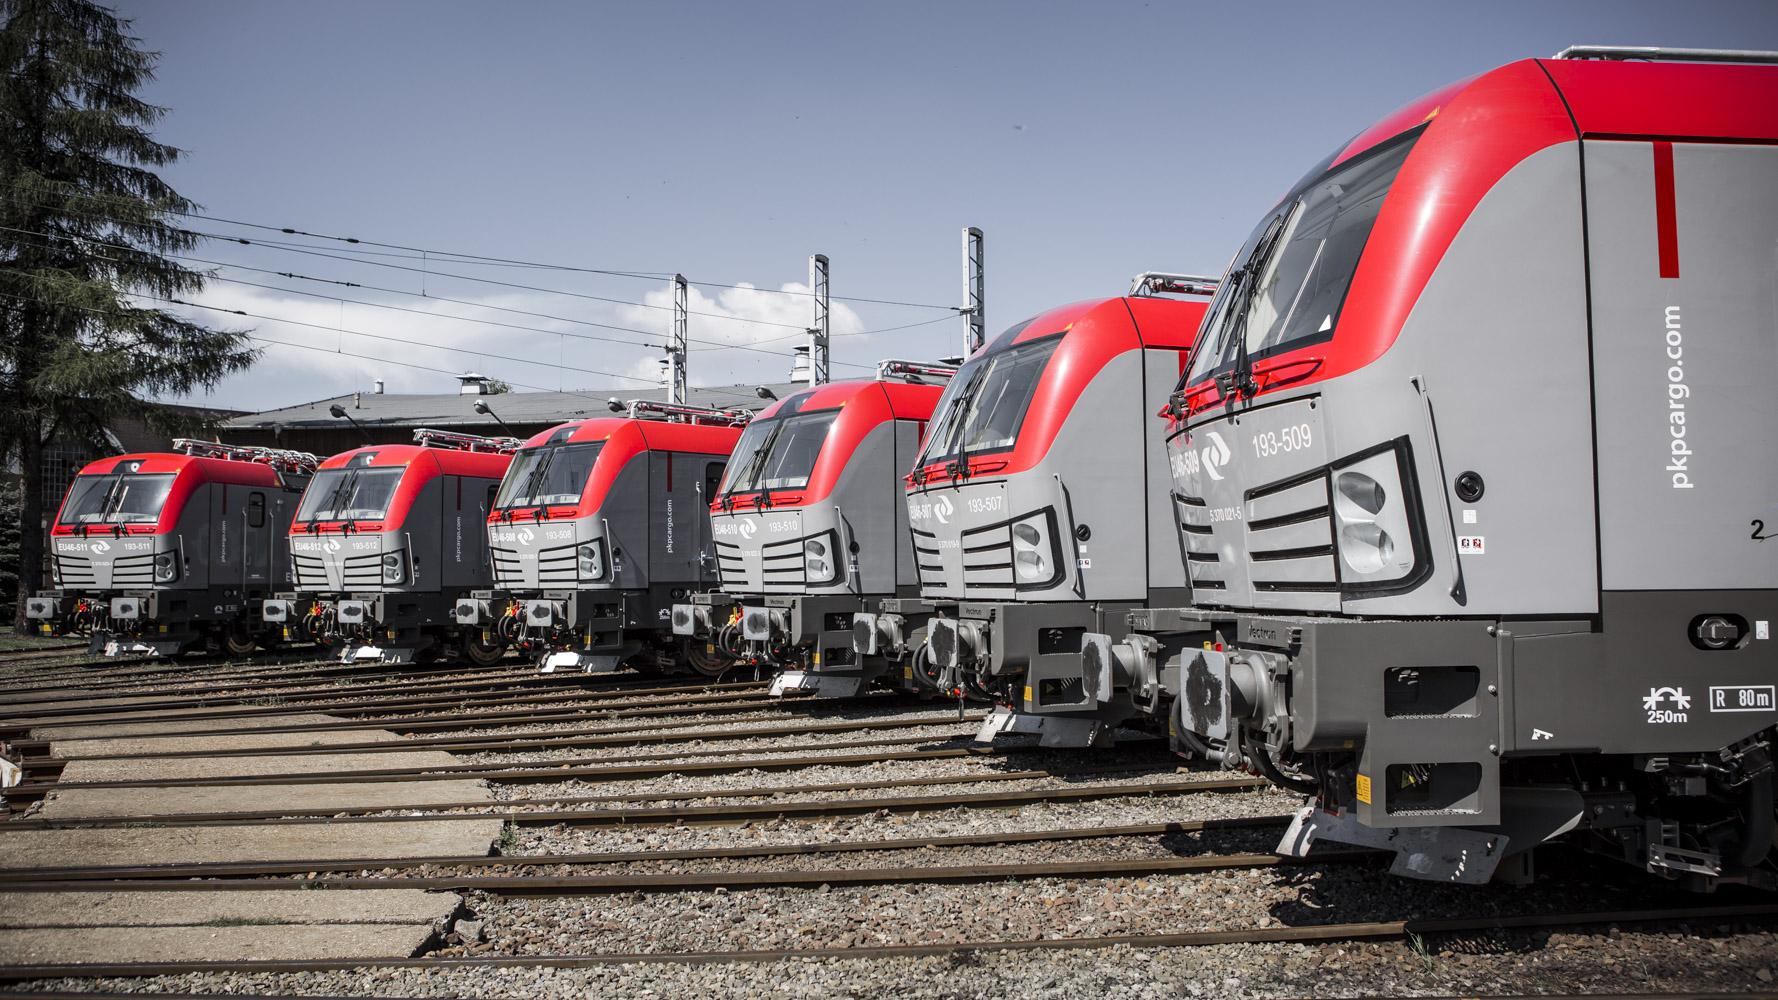 NaKolei.pl - Nowa, wyodrębniona spółka Siemens Mobility w Polsce. To krok naprzód w kwestii fuzji Siemensa z Alstomem